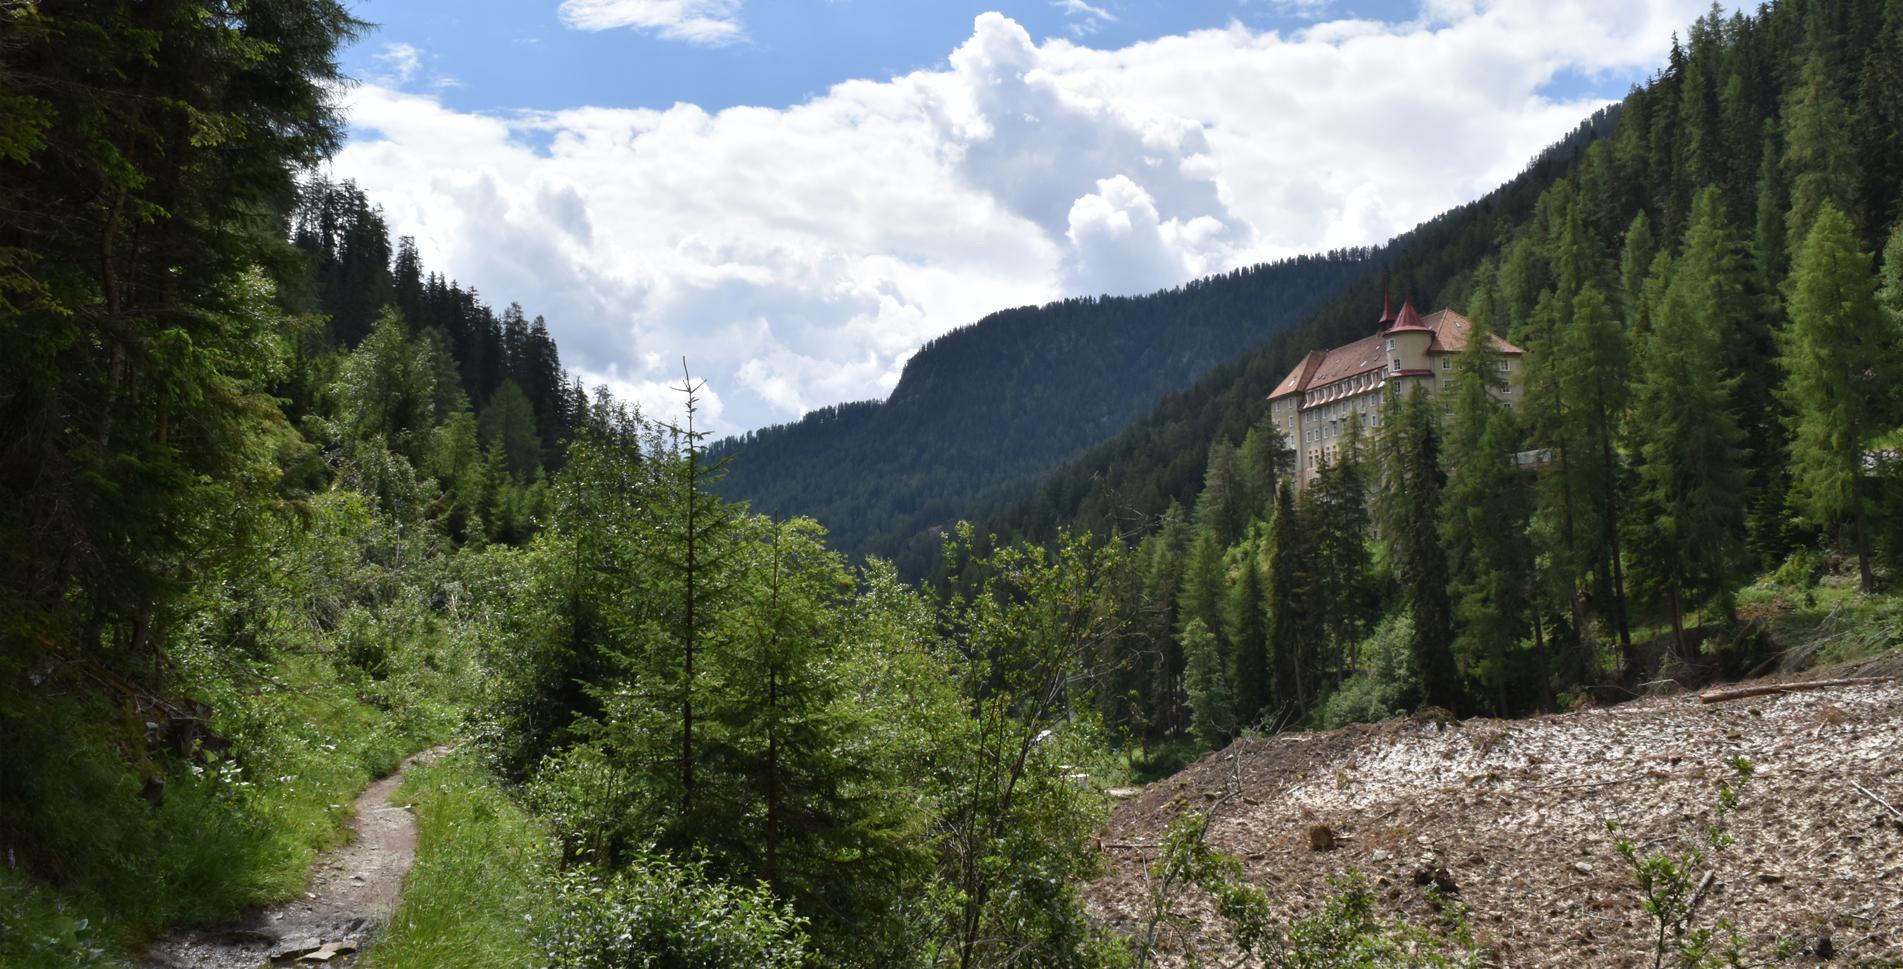 Wanderung ins Val Sinestra im Unterengadin von Sent, nähe Scuol, via Hotel Val Sinestra, Hof Zuort, vorbei an den Erdpyramiden nach Griosch und weiter nach Vnà